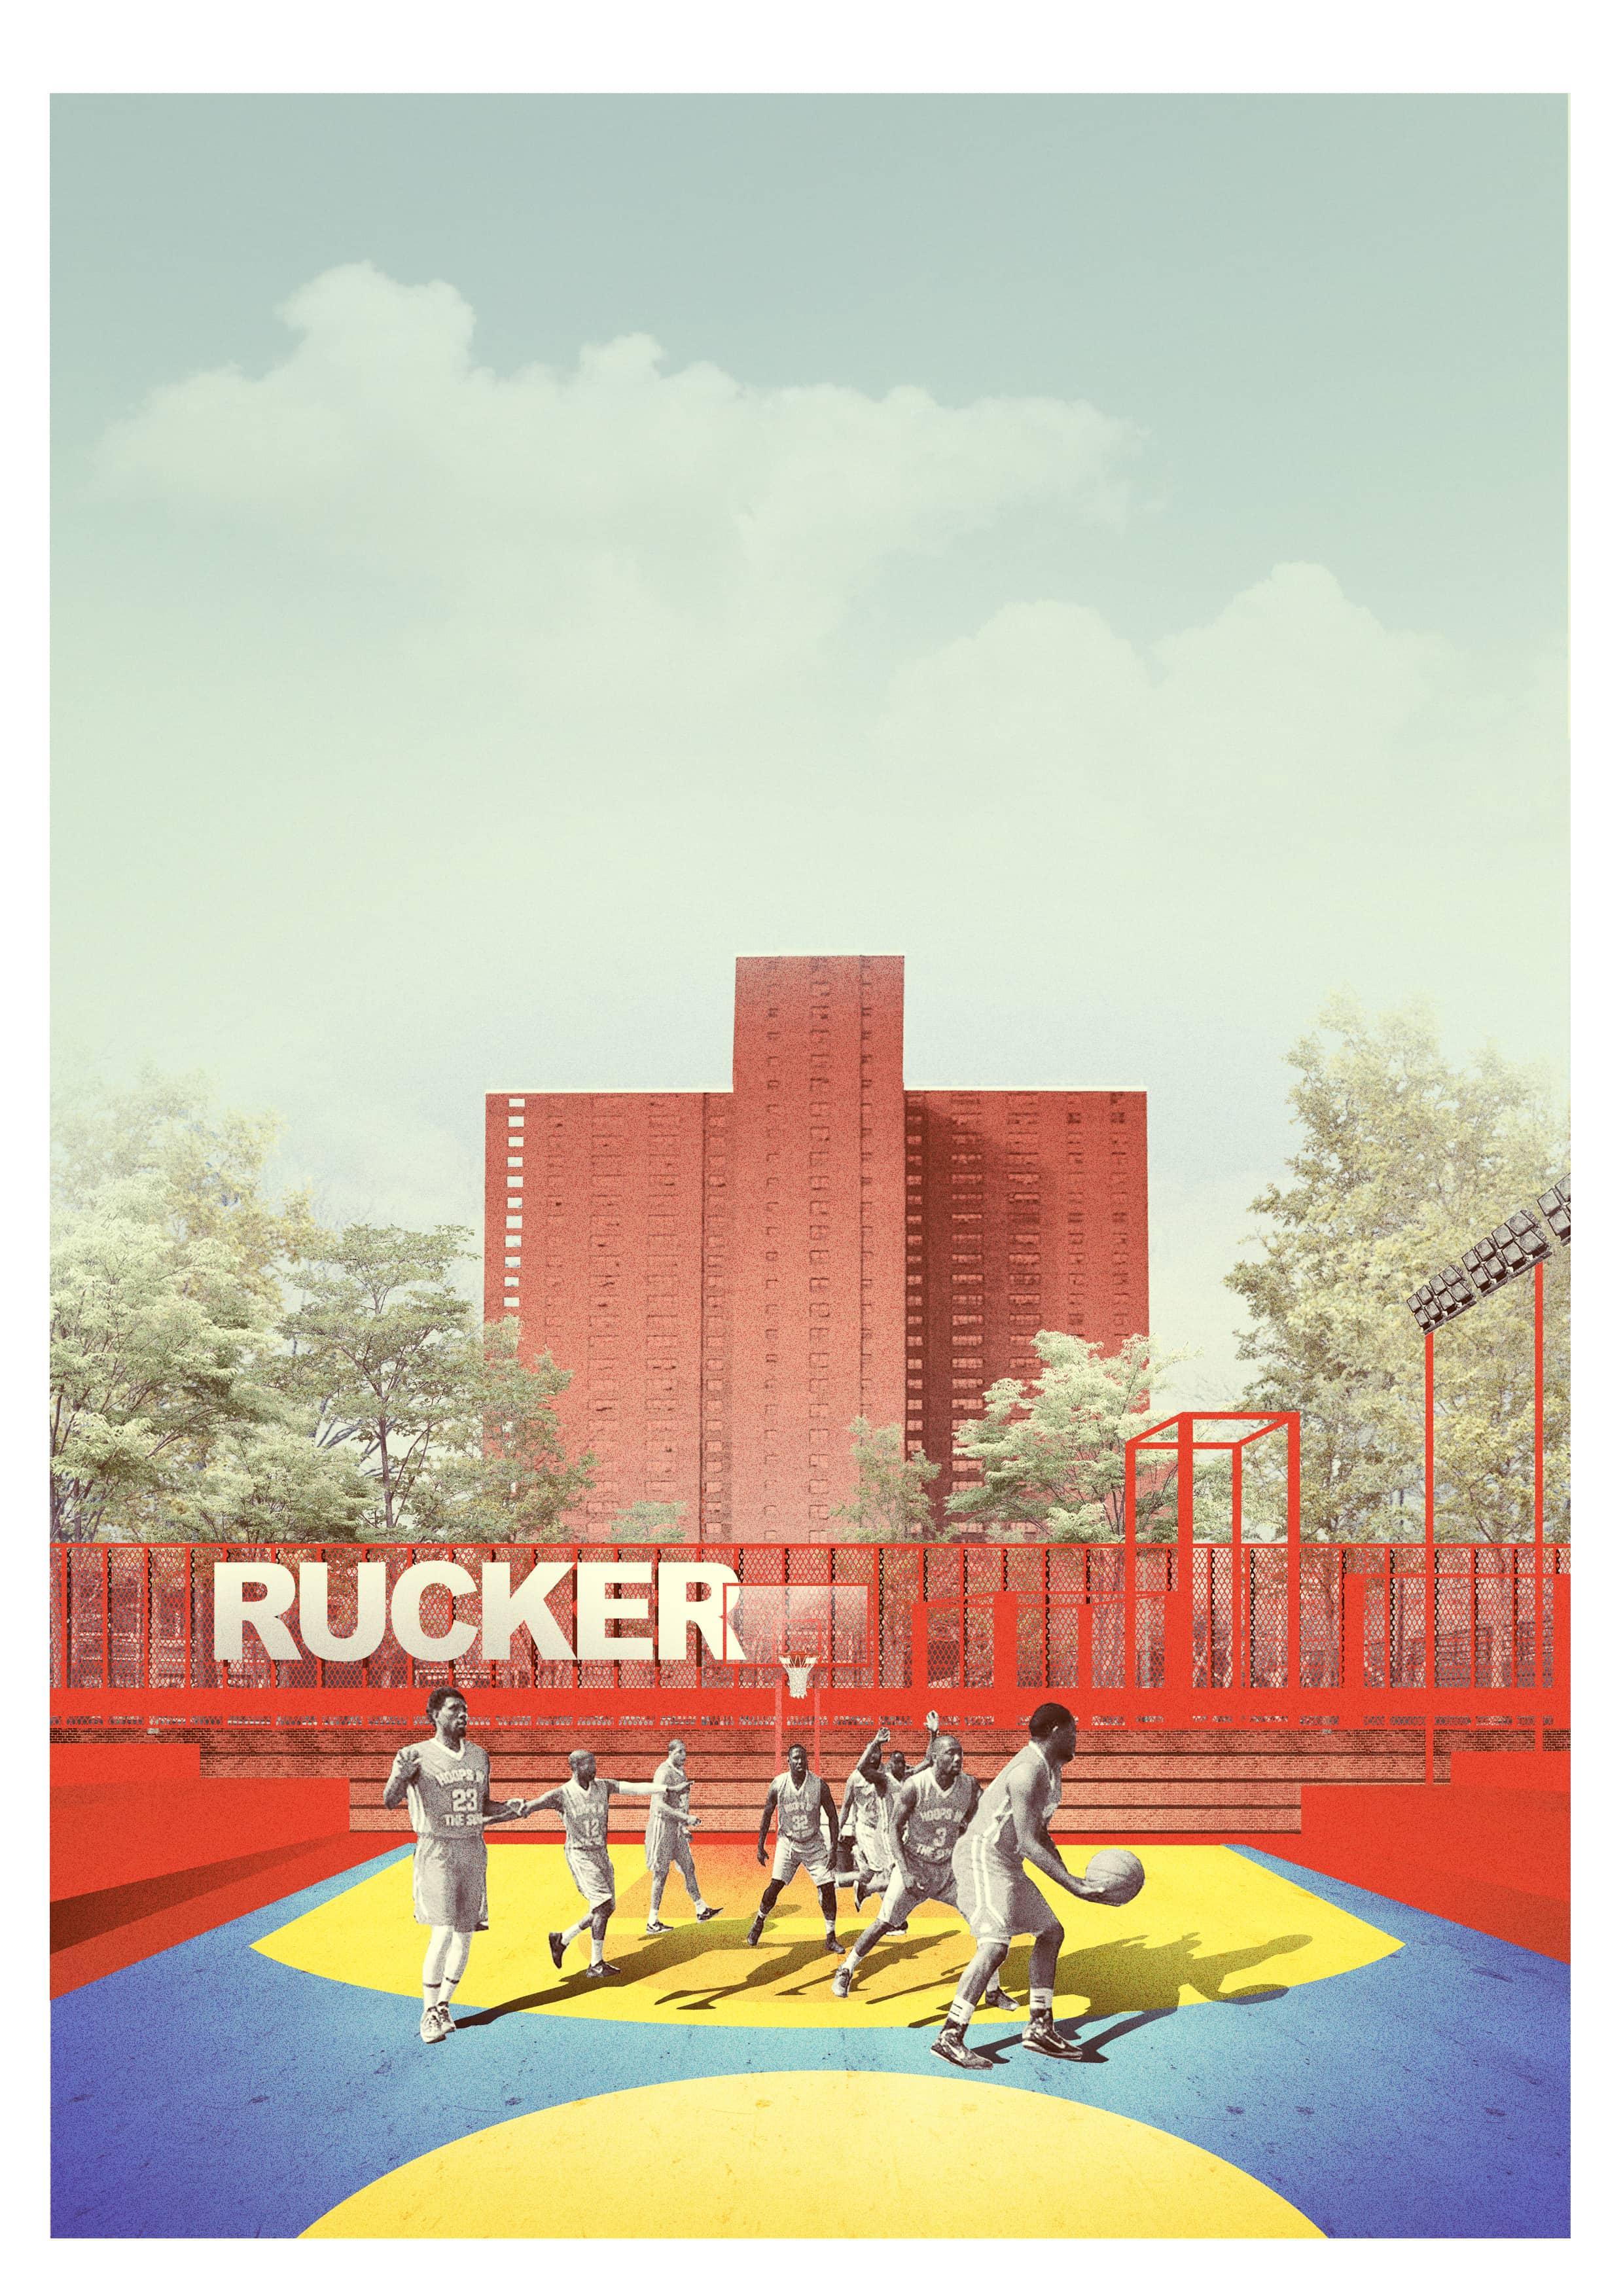 New Rucker